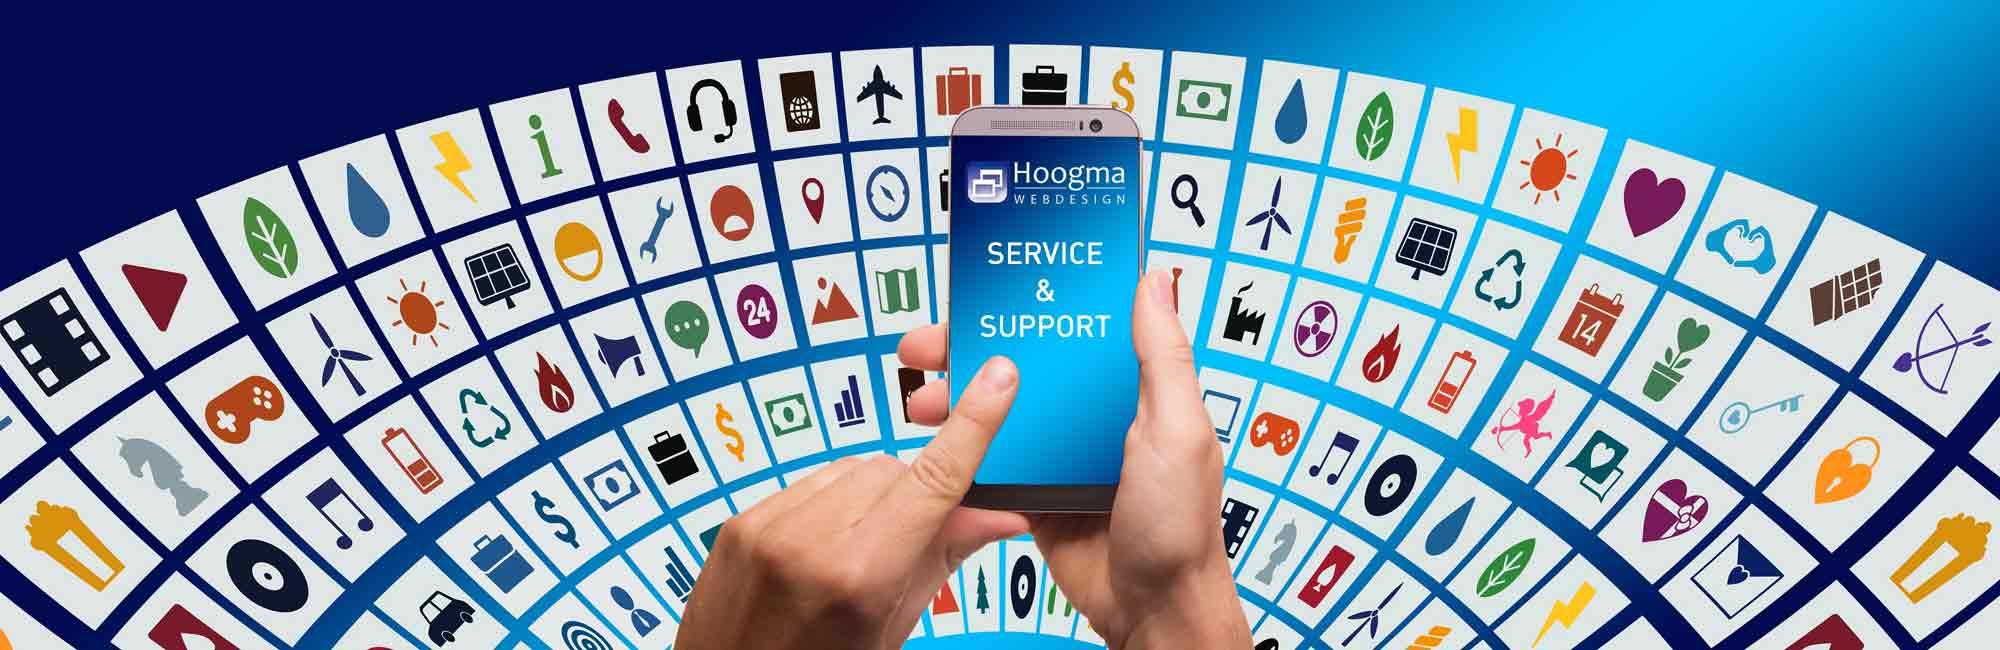 Service en support - Hoogma Webdesign Beerta